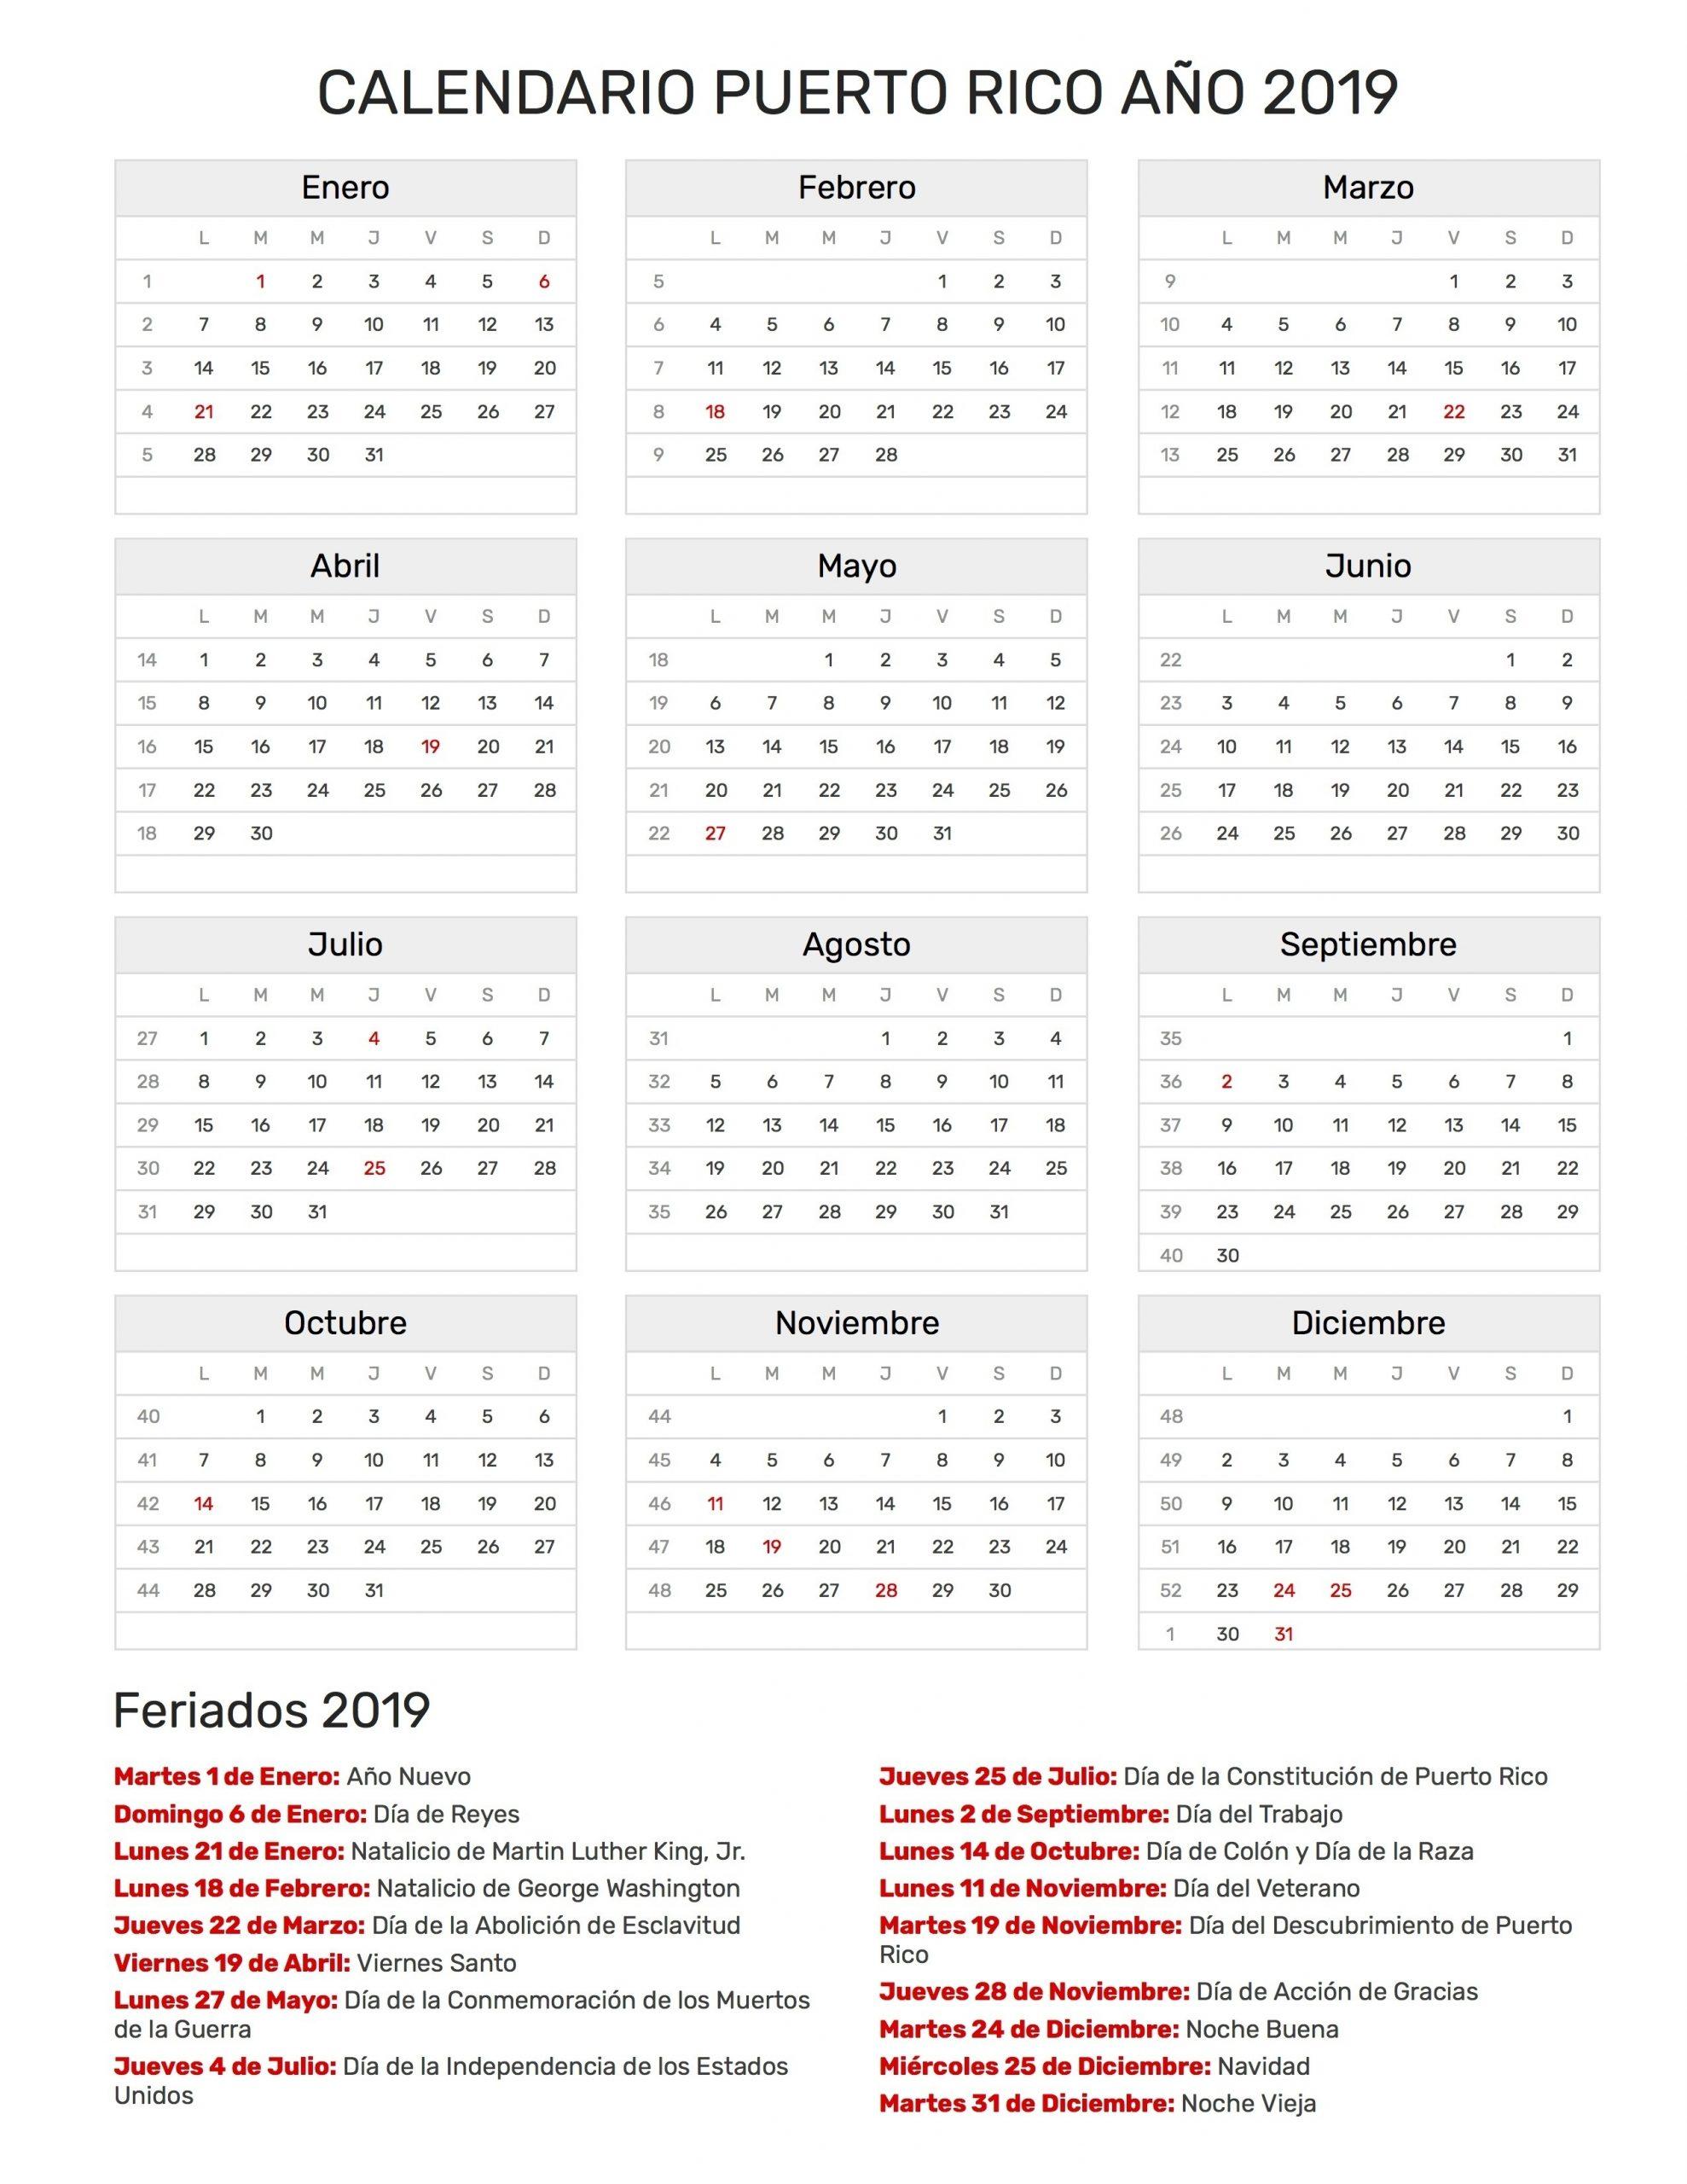 Calendario 2020 De Puerto Rico Para Imprimir - Calendario 2019